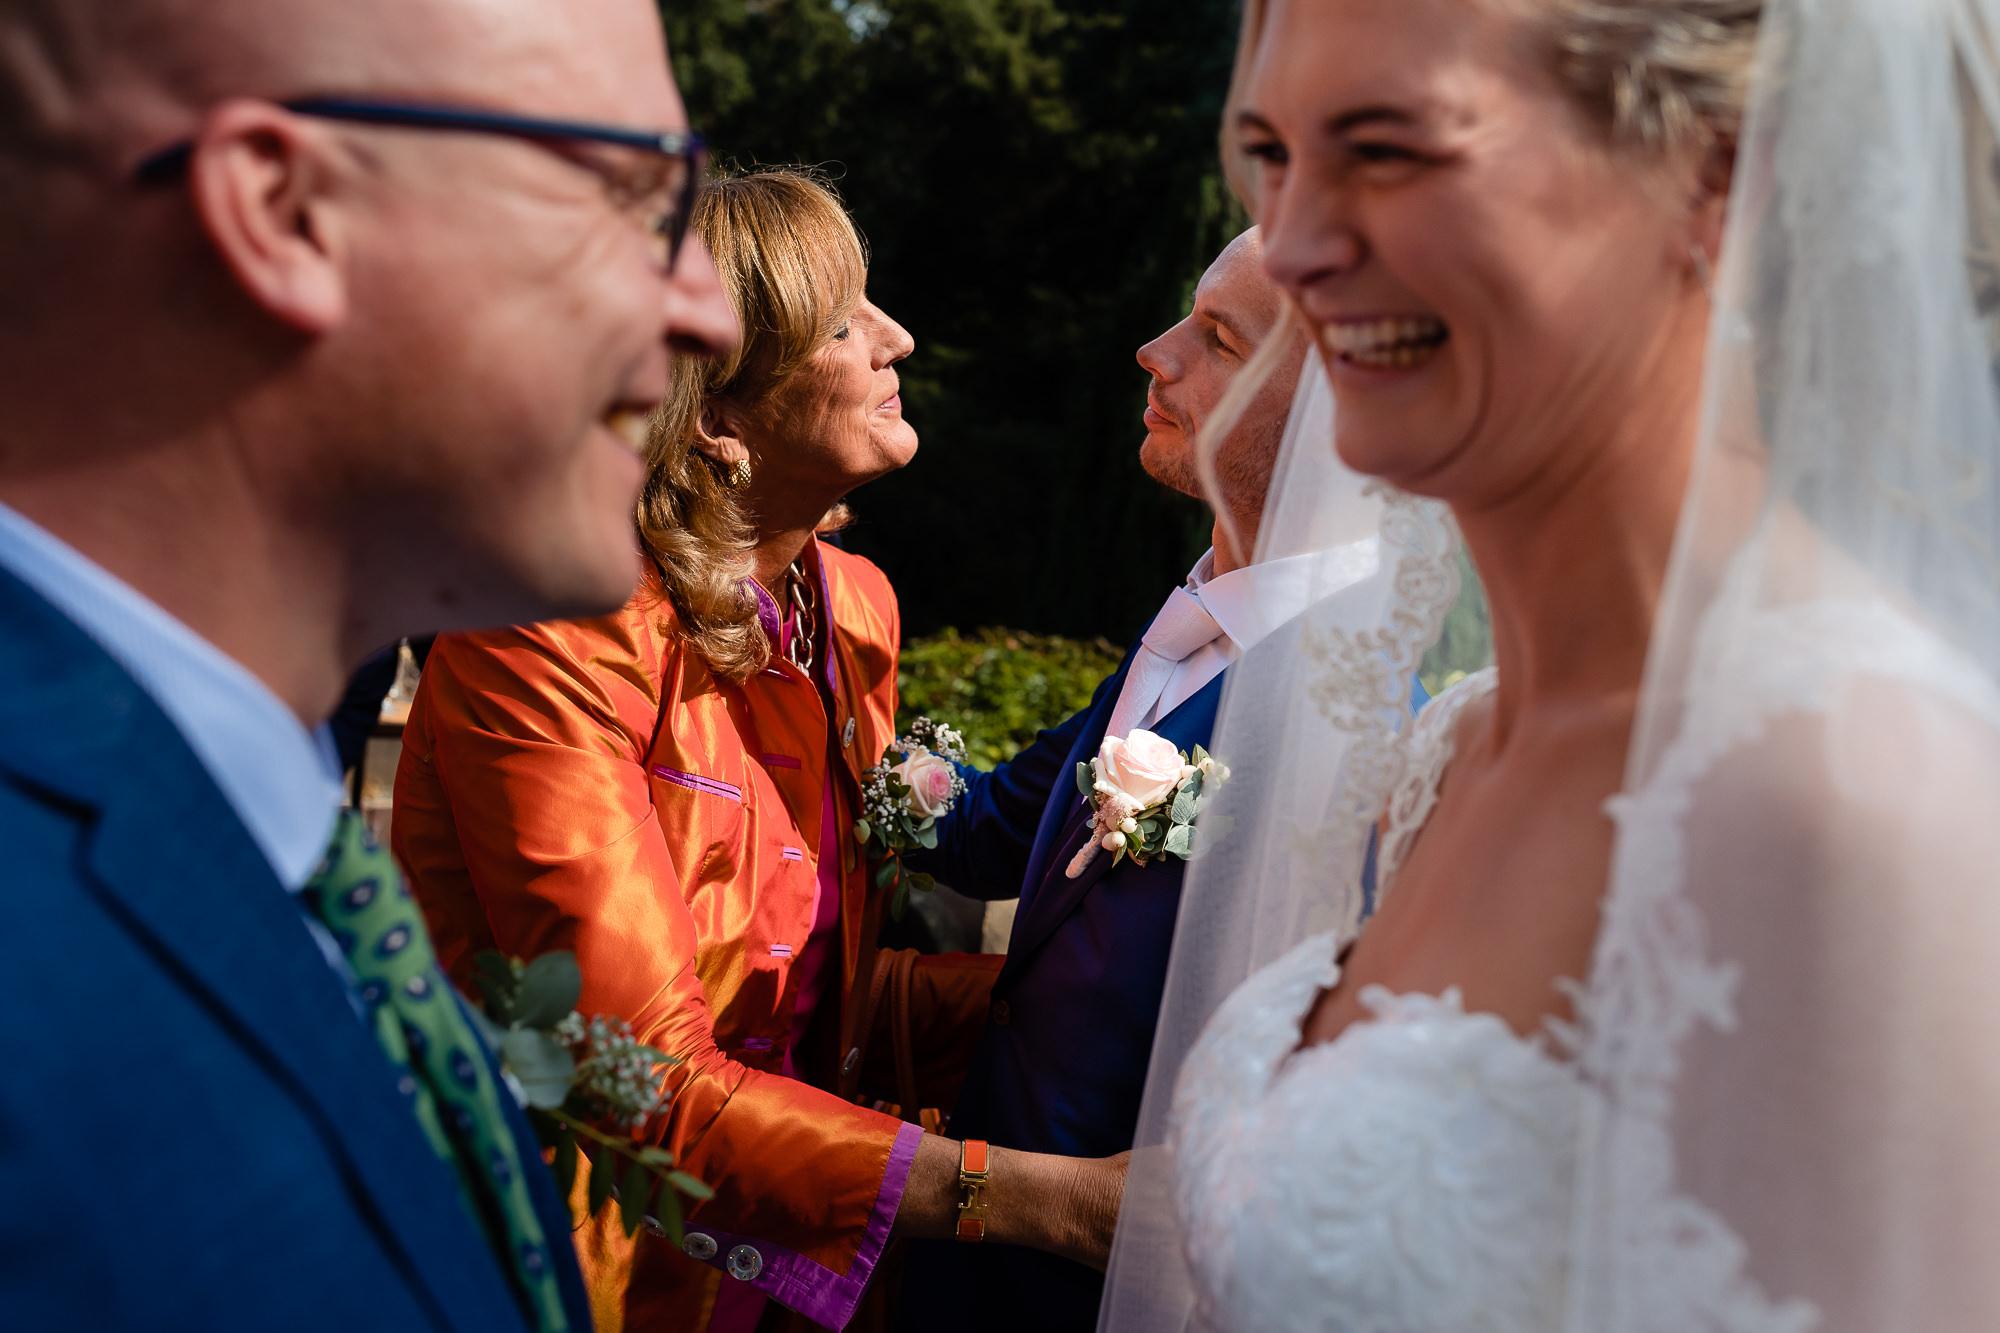 Felicitaties na de ceremonie